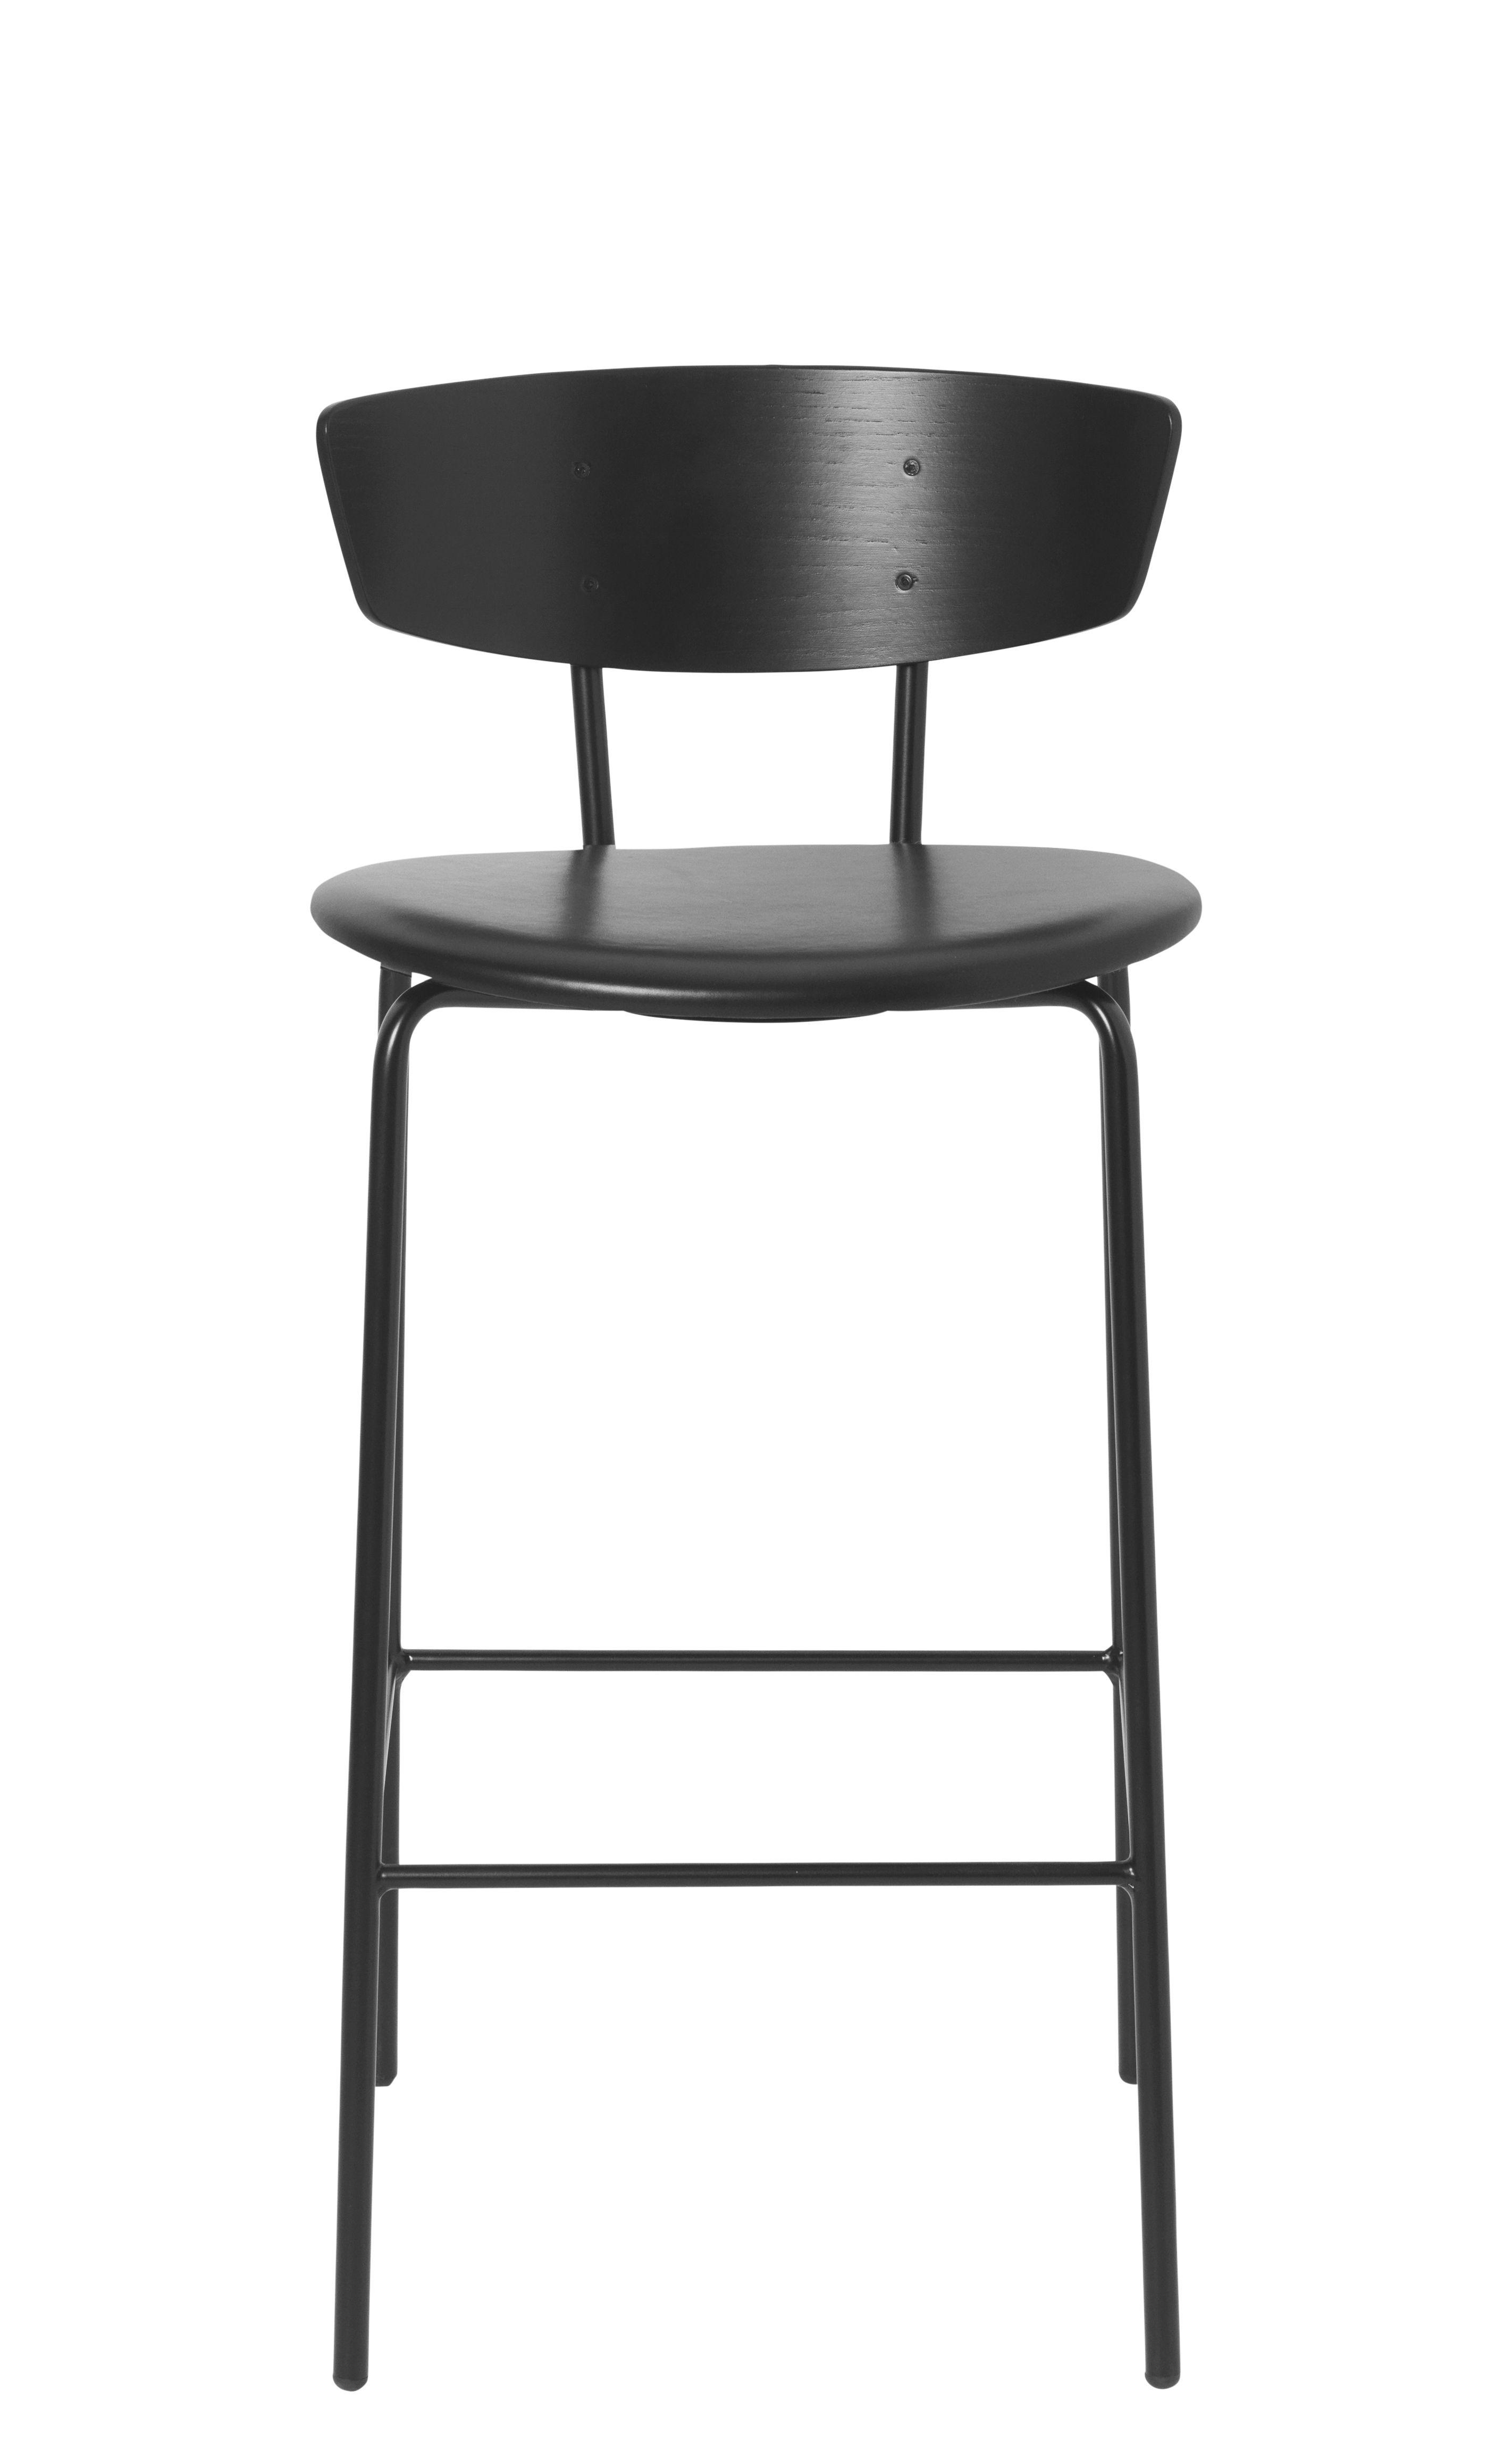 Möbel - Barhocker - Herman Hochstuhl / H 64 cm - Leder - Ferm Living - H 64 cm / schwarzes Leder - Anilinleder, lackierter Stahl, lackiertes Eichenholzfurnier